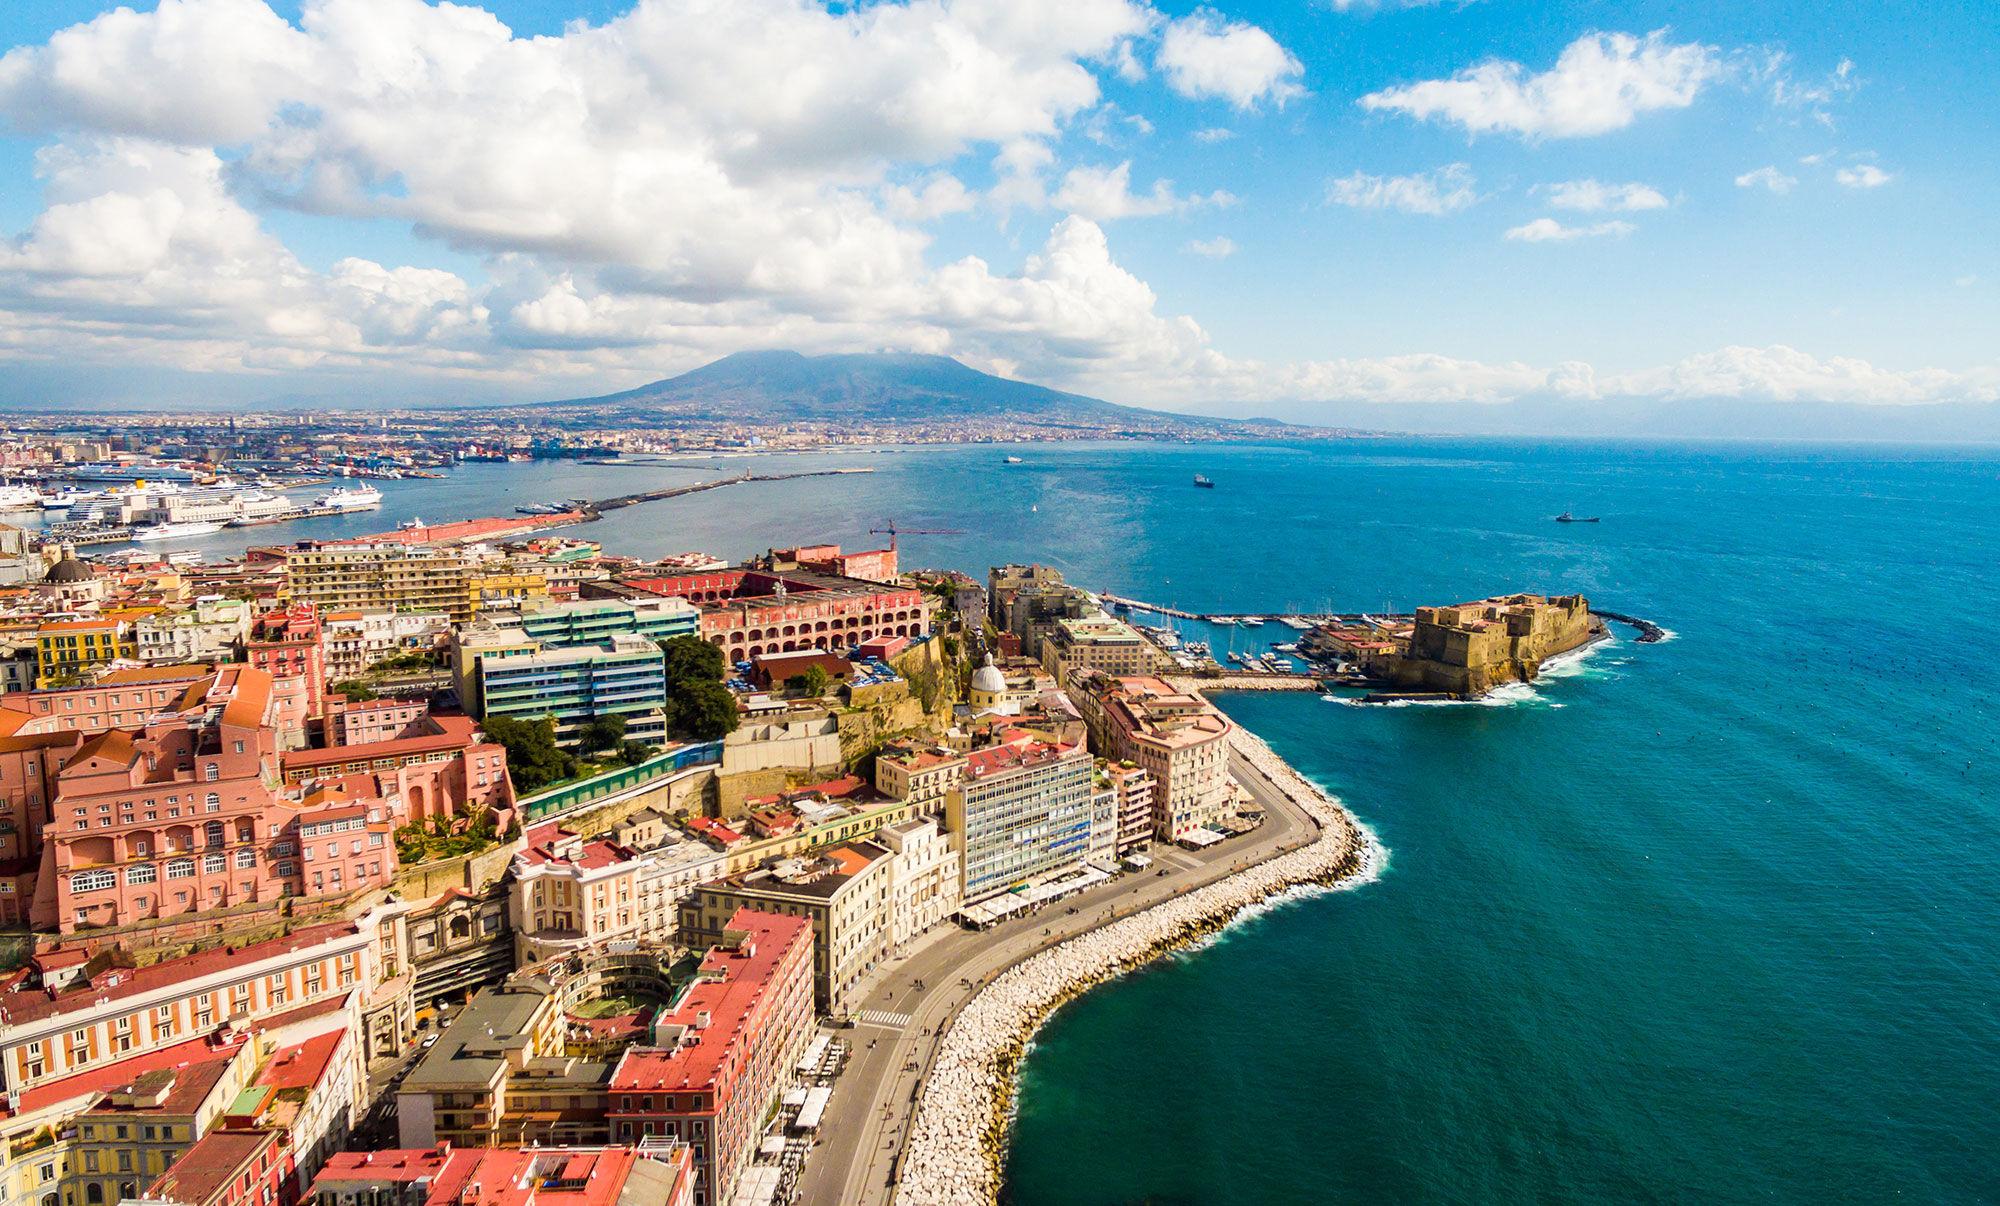 Neapol. holgs | istockphoto.com/